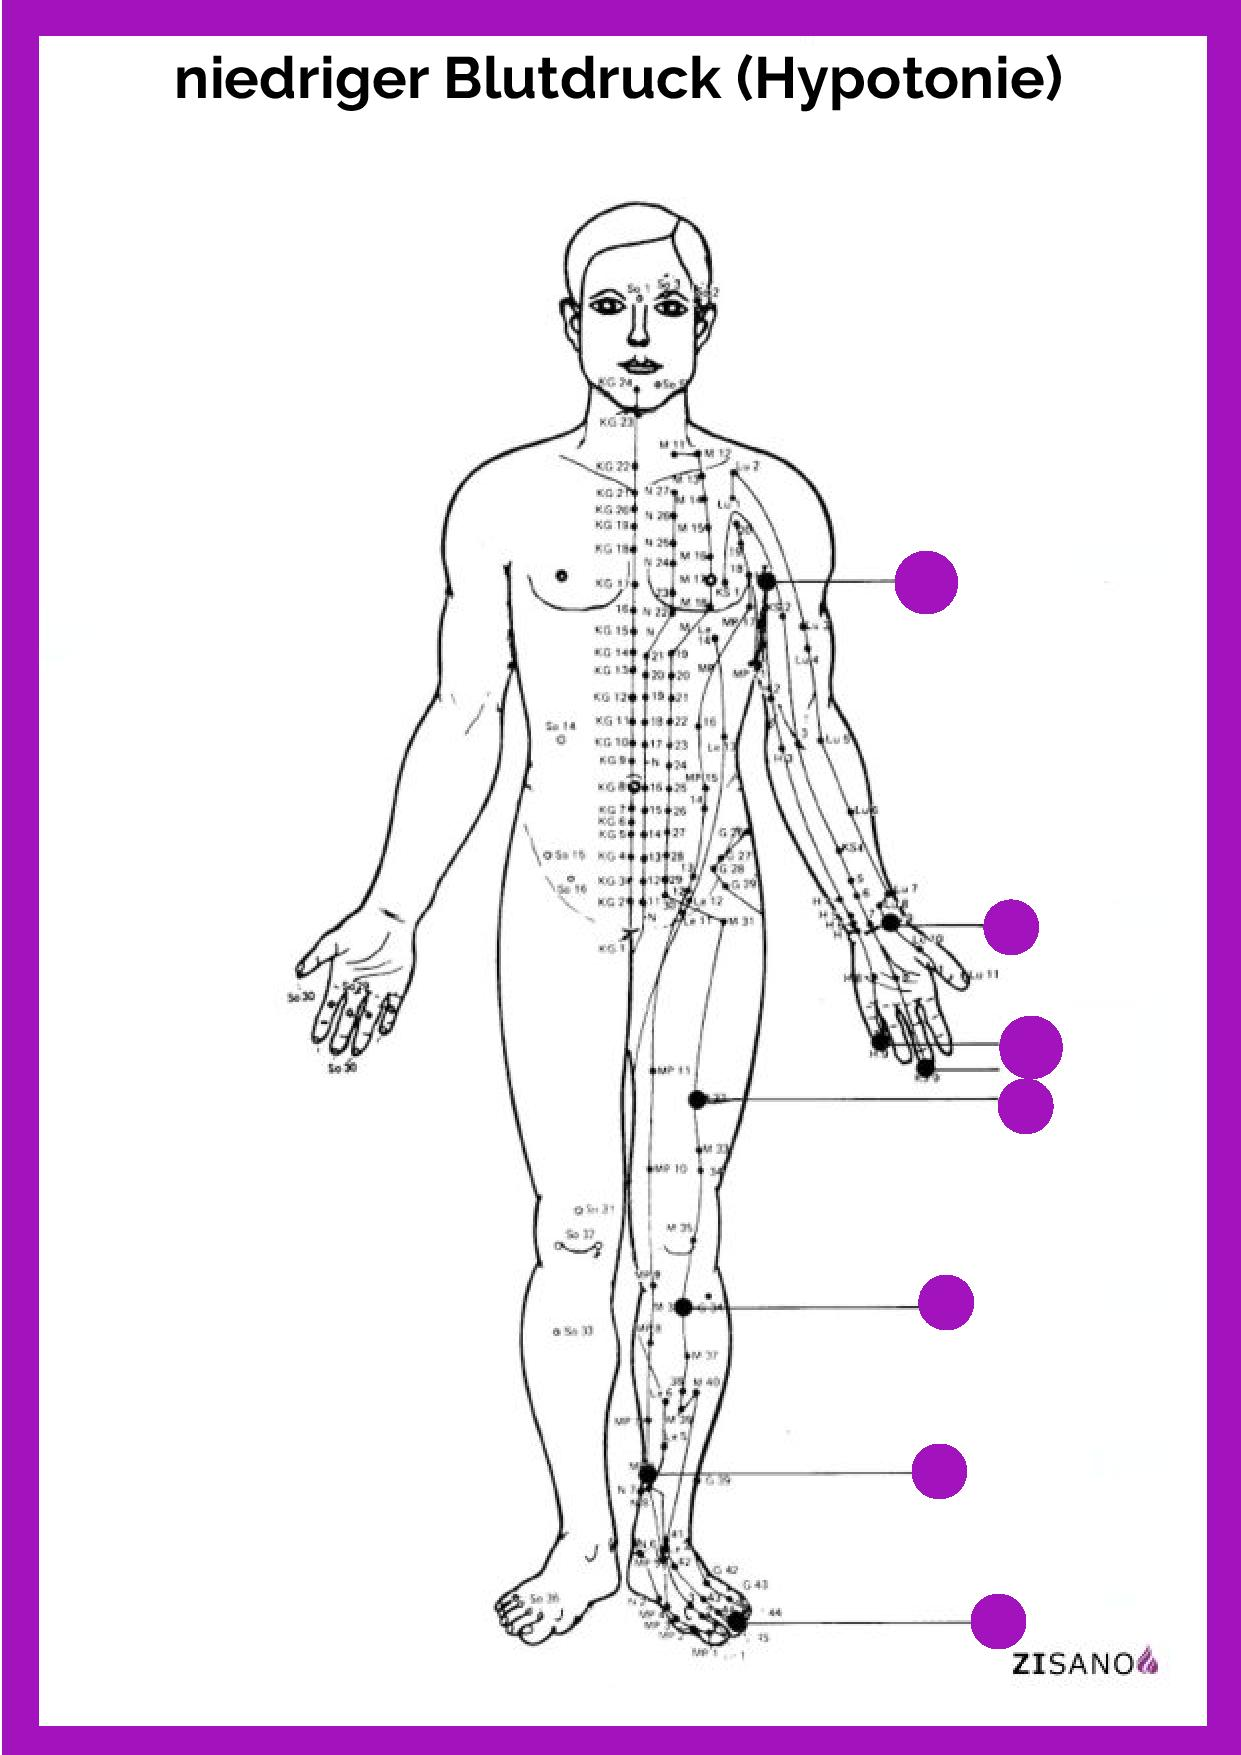 Meridiane - Blutdruck, niedriger (Hypotonie) - Behandlung